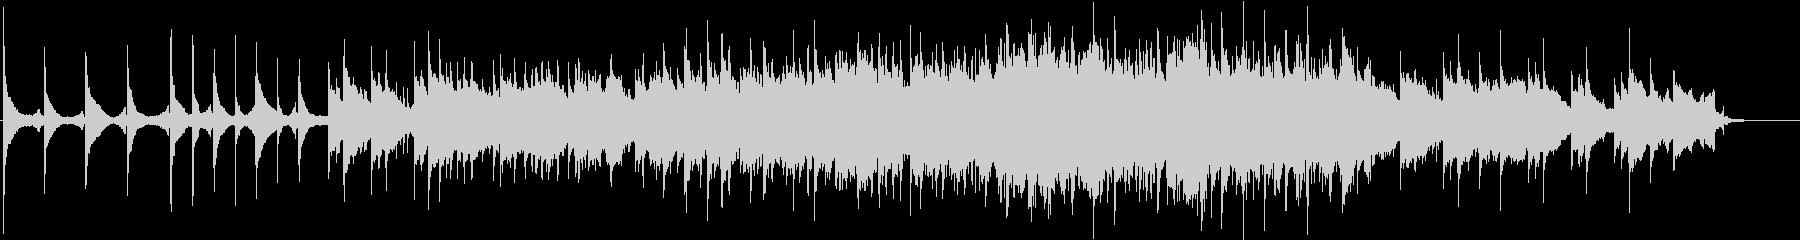 ピアノの旋律とストリングスのバラードの未再生の波形